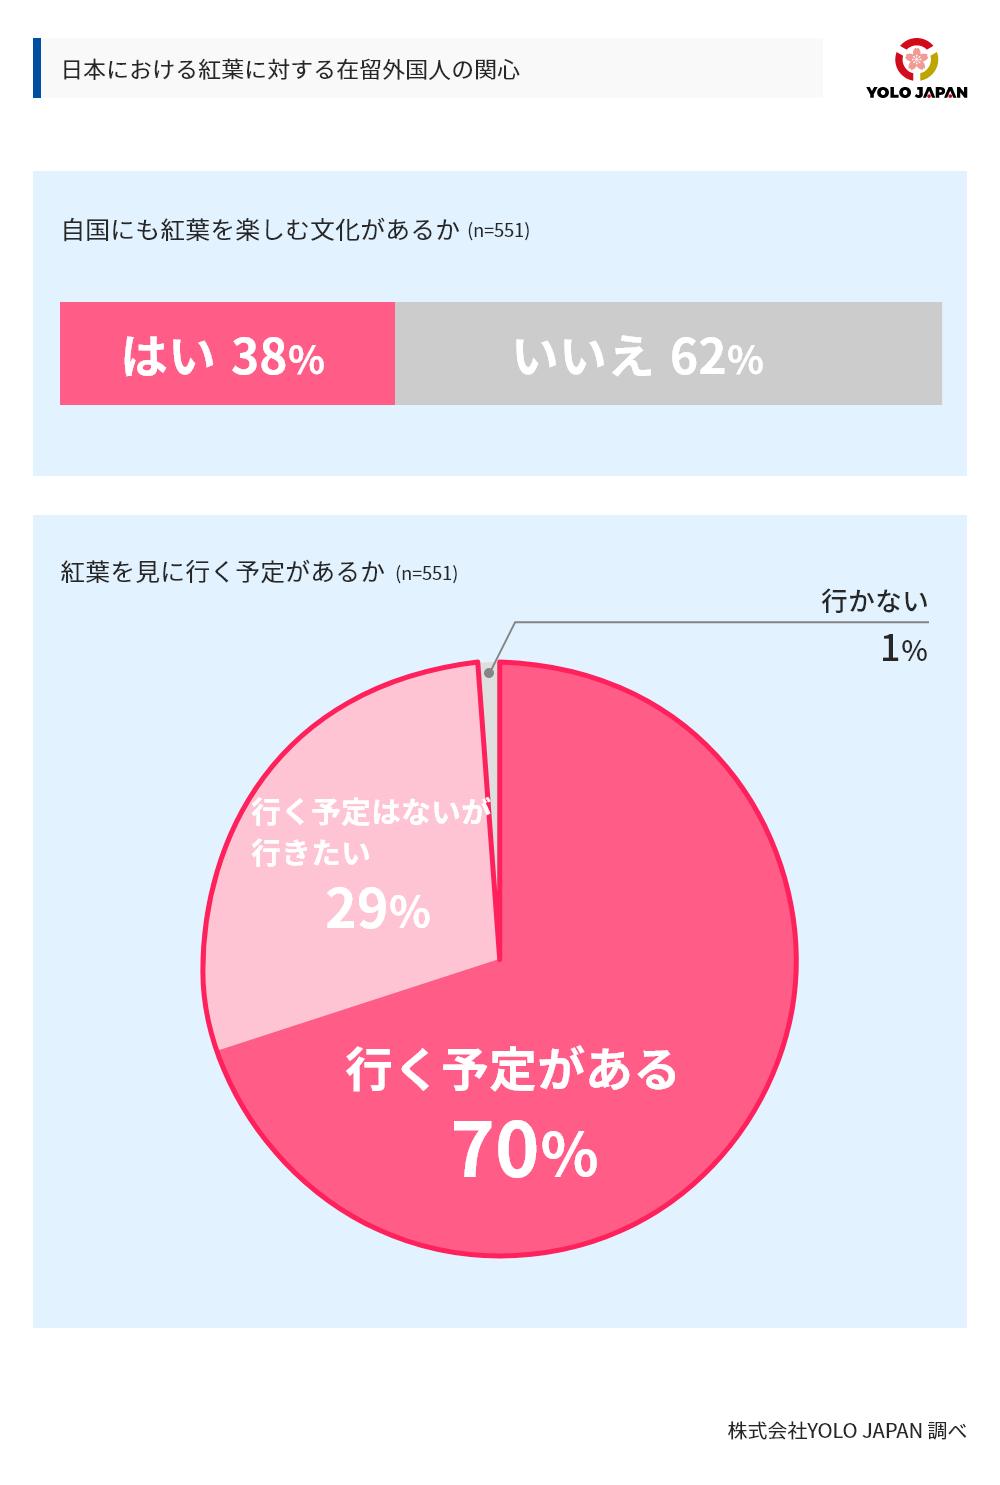 日本における紅葉に対する在留外国人の関心に対するアンケート調査結果。母数は551で、「自国にも紅葉を楽しむ文化があるか」という設問に対し、はいと答えたのは38%、いいえと答えたのは62%であった。また、紅葉を見に行く予定があるかという設問に対しては、行く予定があるまたは行く予定はないが行きたいと答えたのが99%で、行かないと答えたのは1%であった。